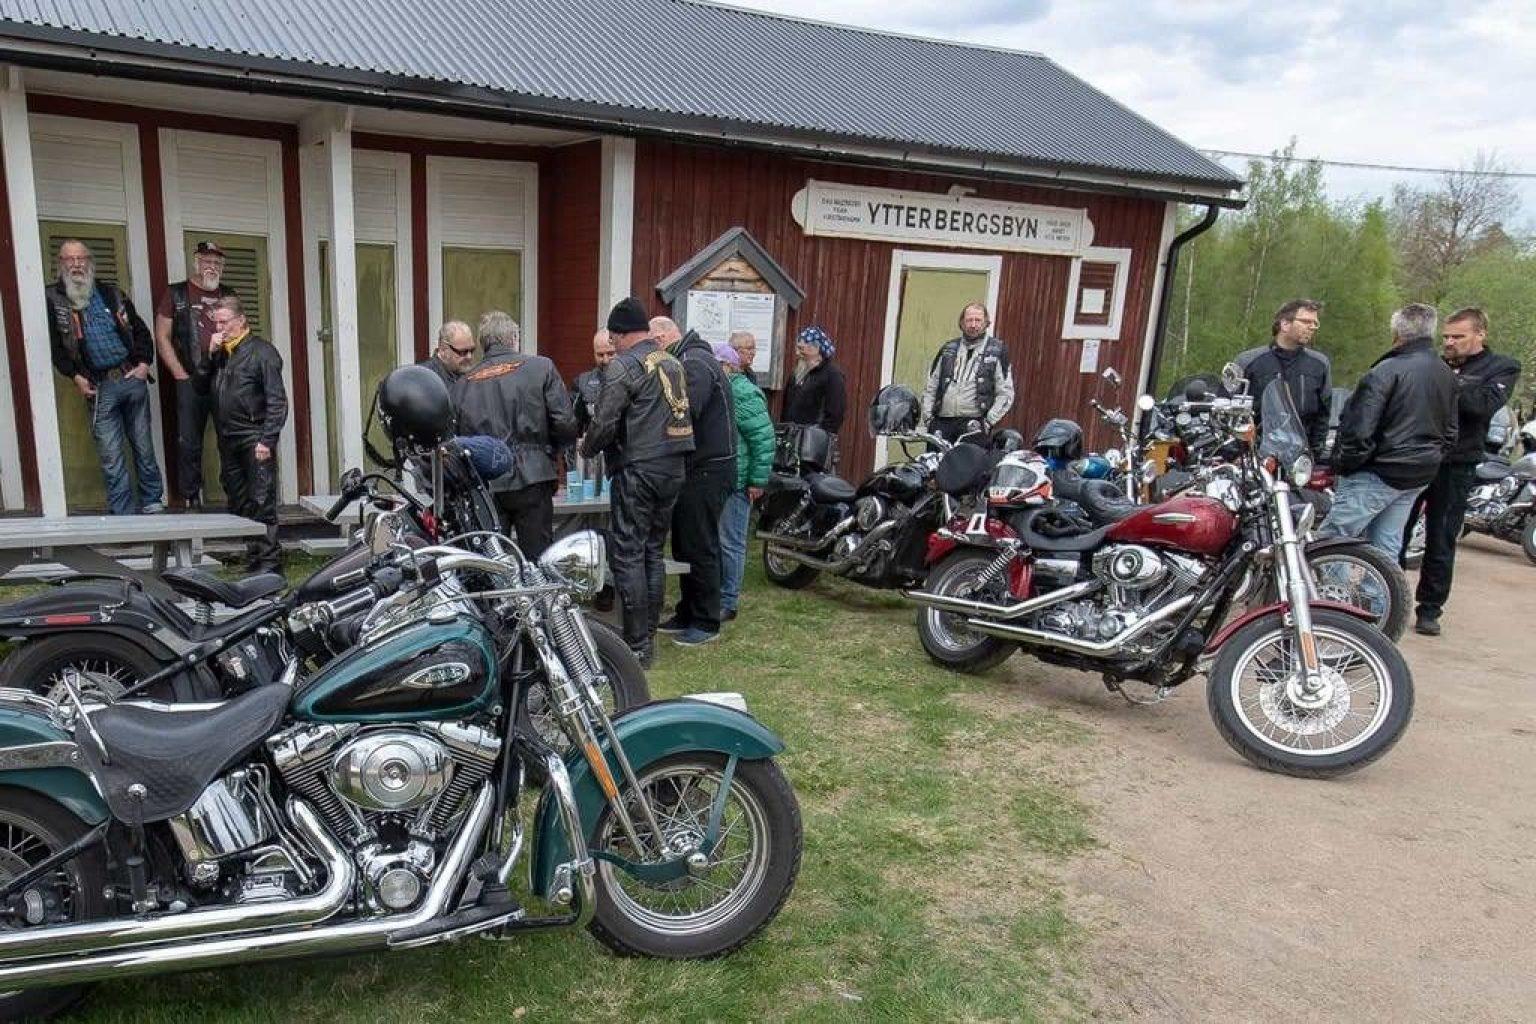 Första turen gick till Ytterberg för ett reportage om evenemanget. Foto: Morgan Grip